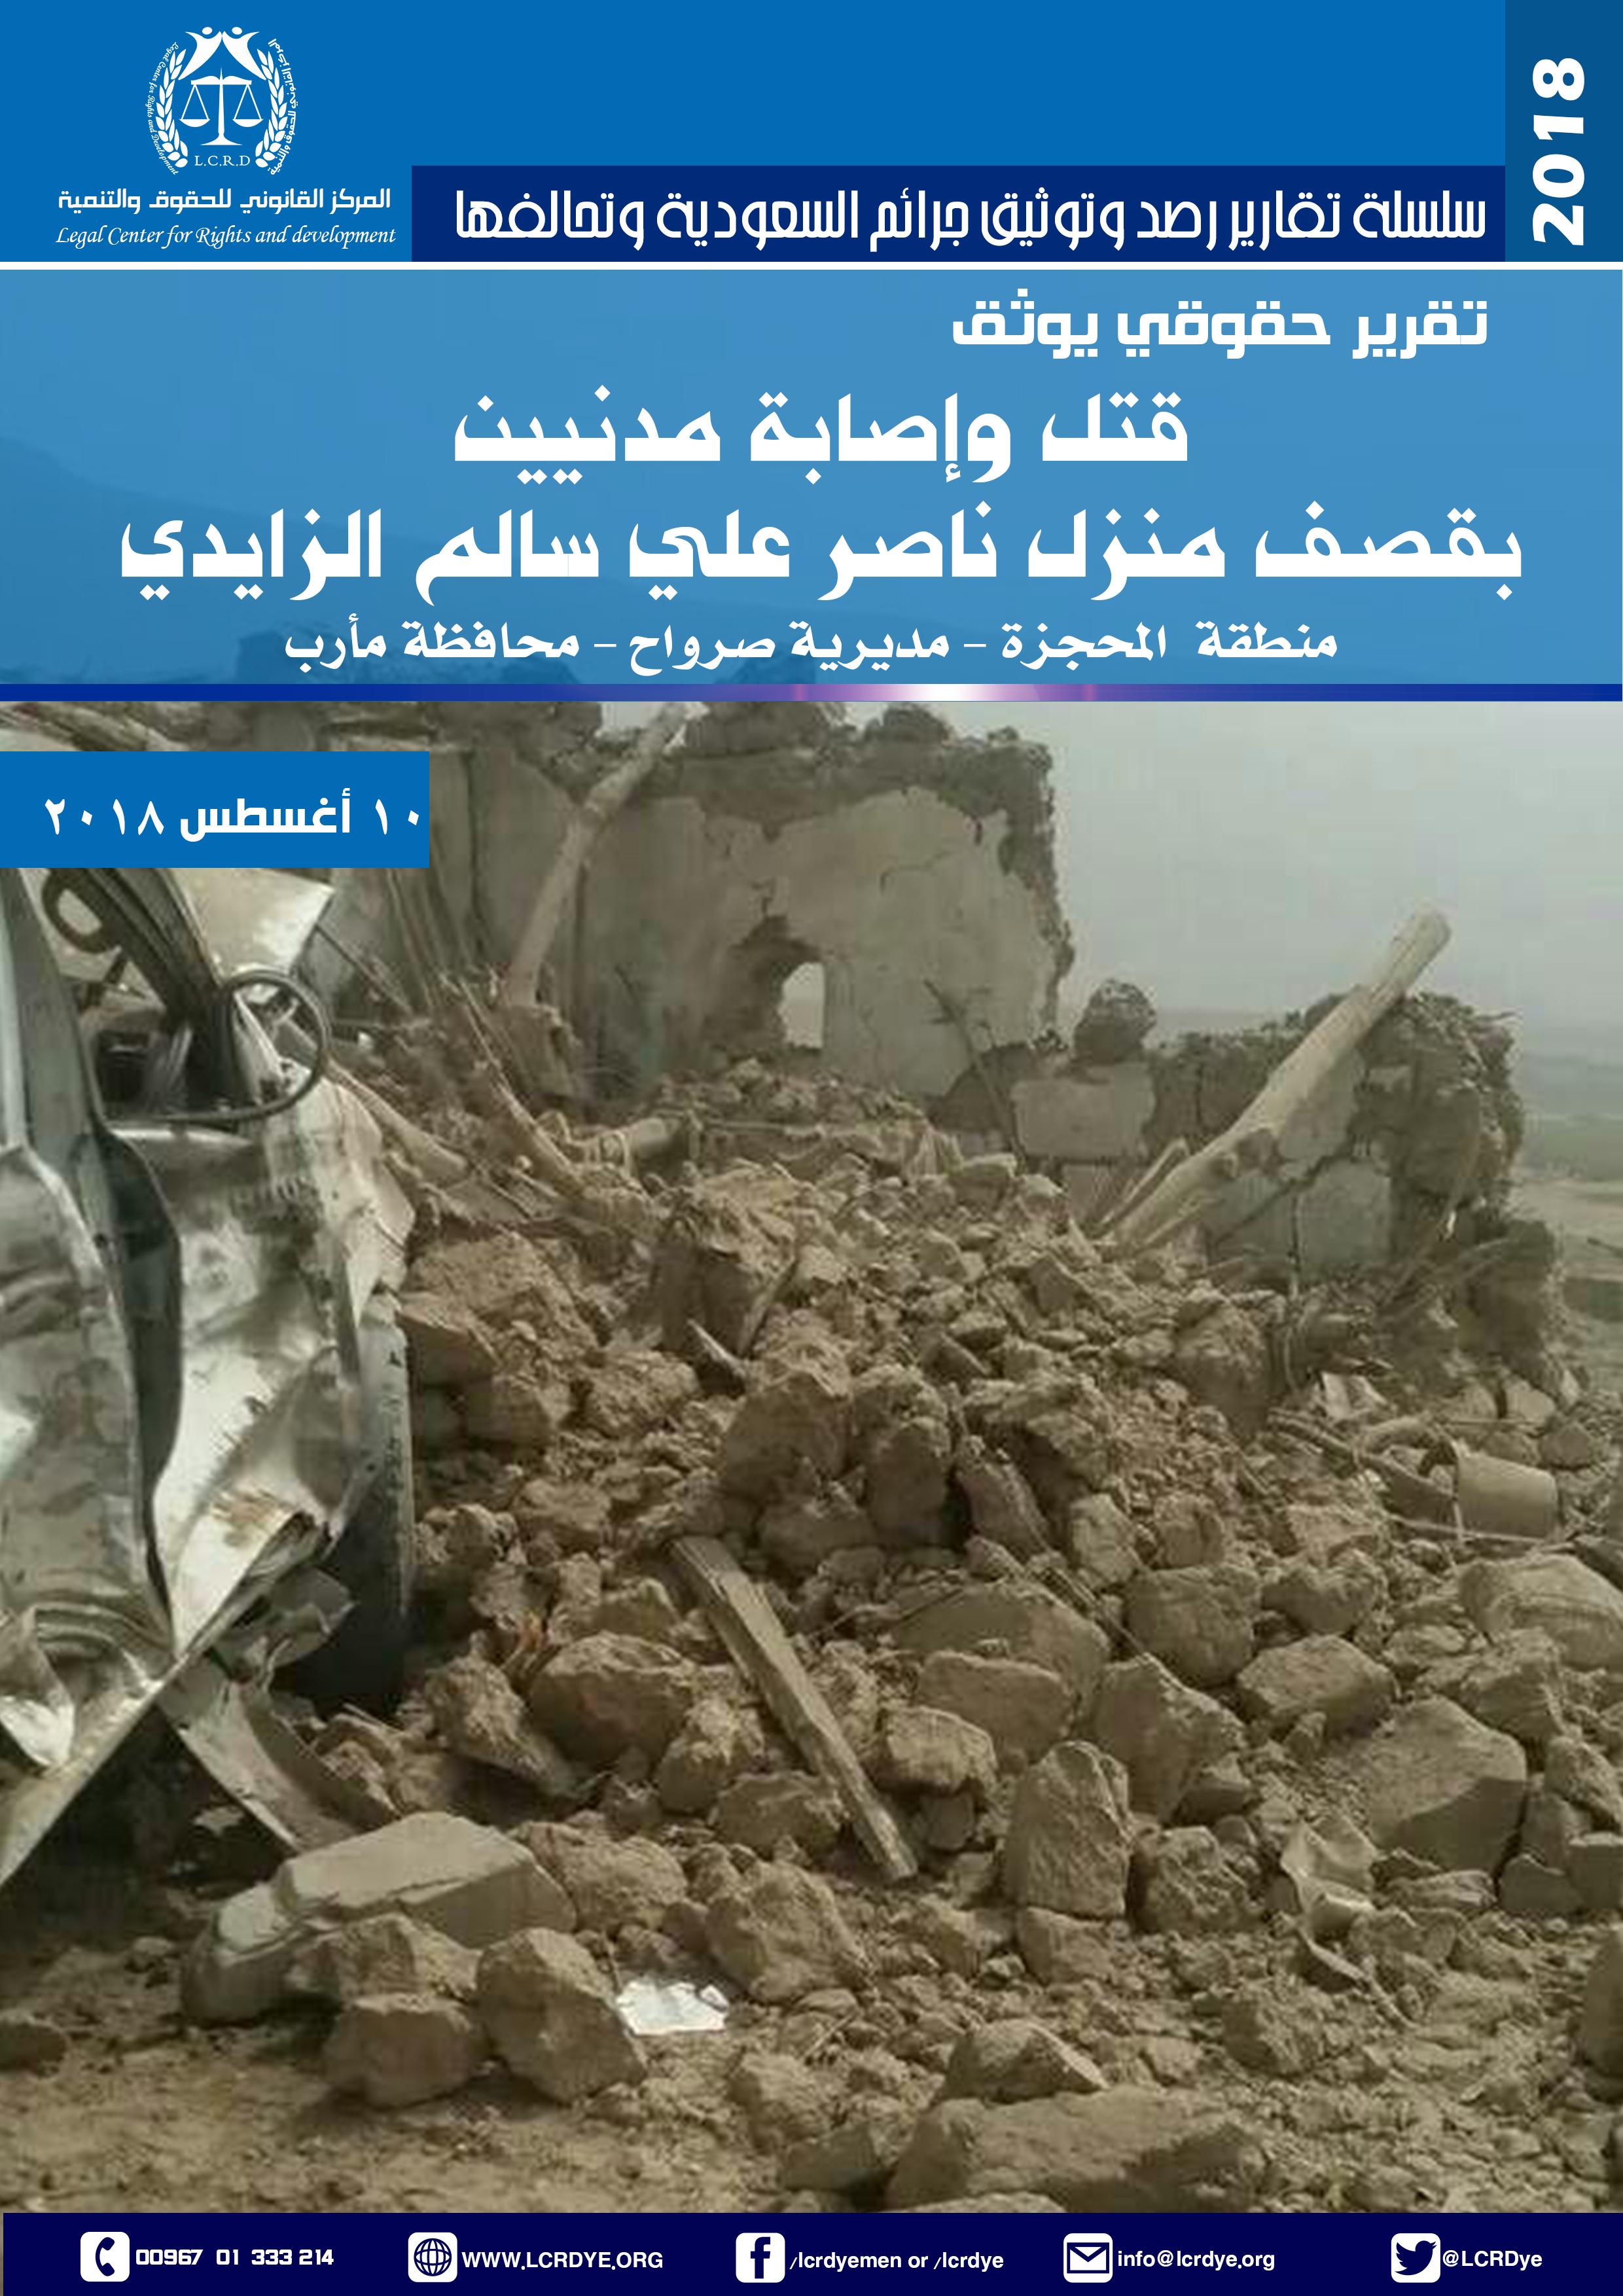 قصف منزل ناصر علي سالم الزايدي – صرواح مأرب 10-8-2018